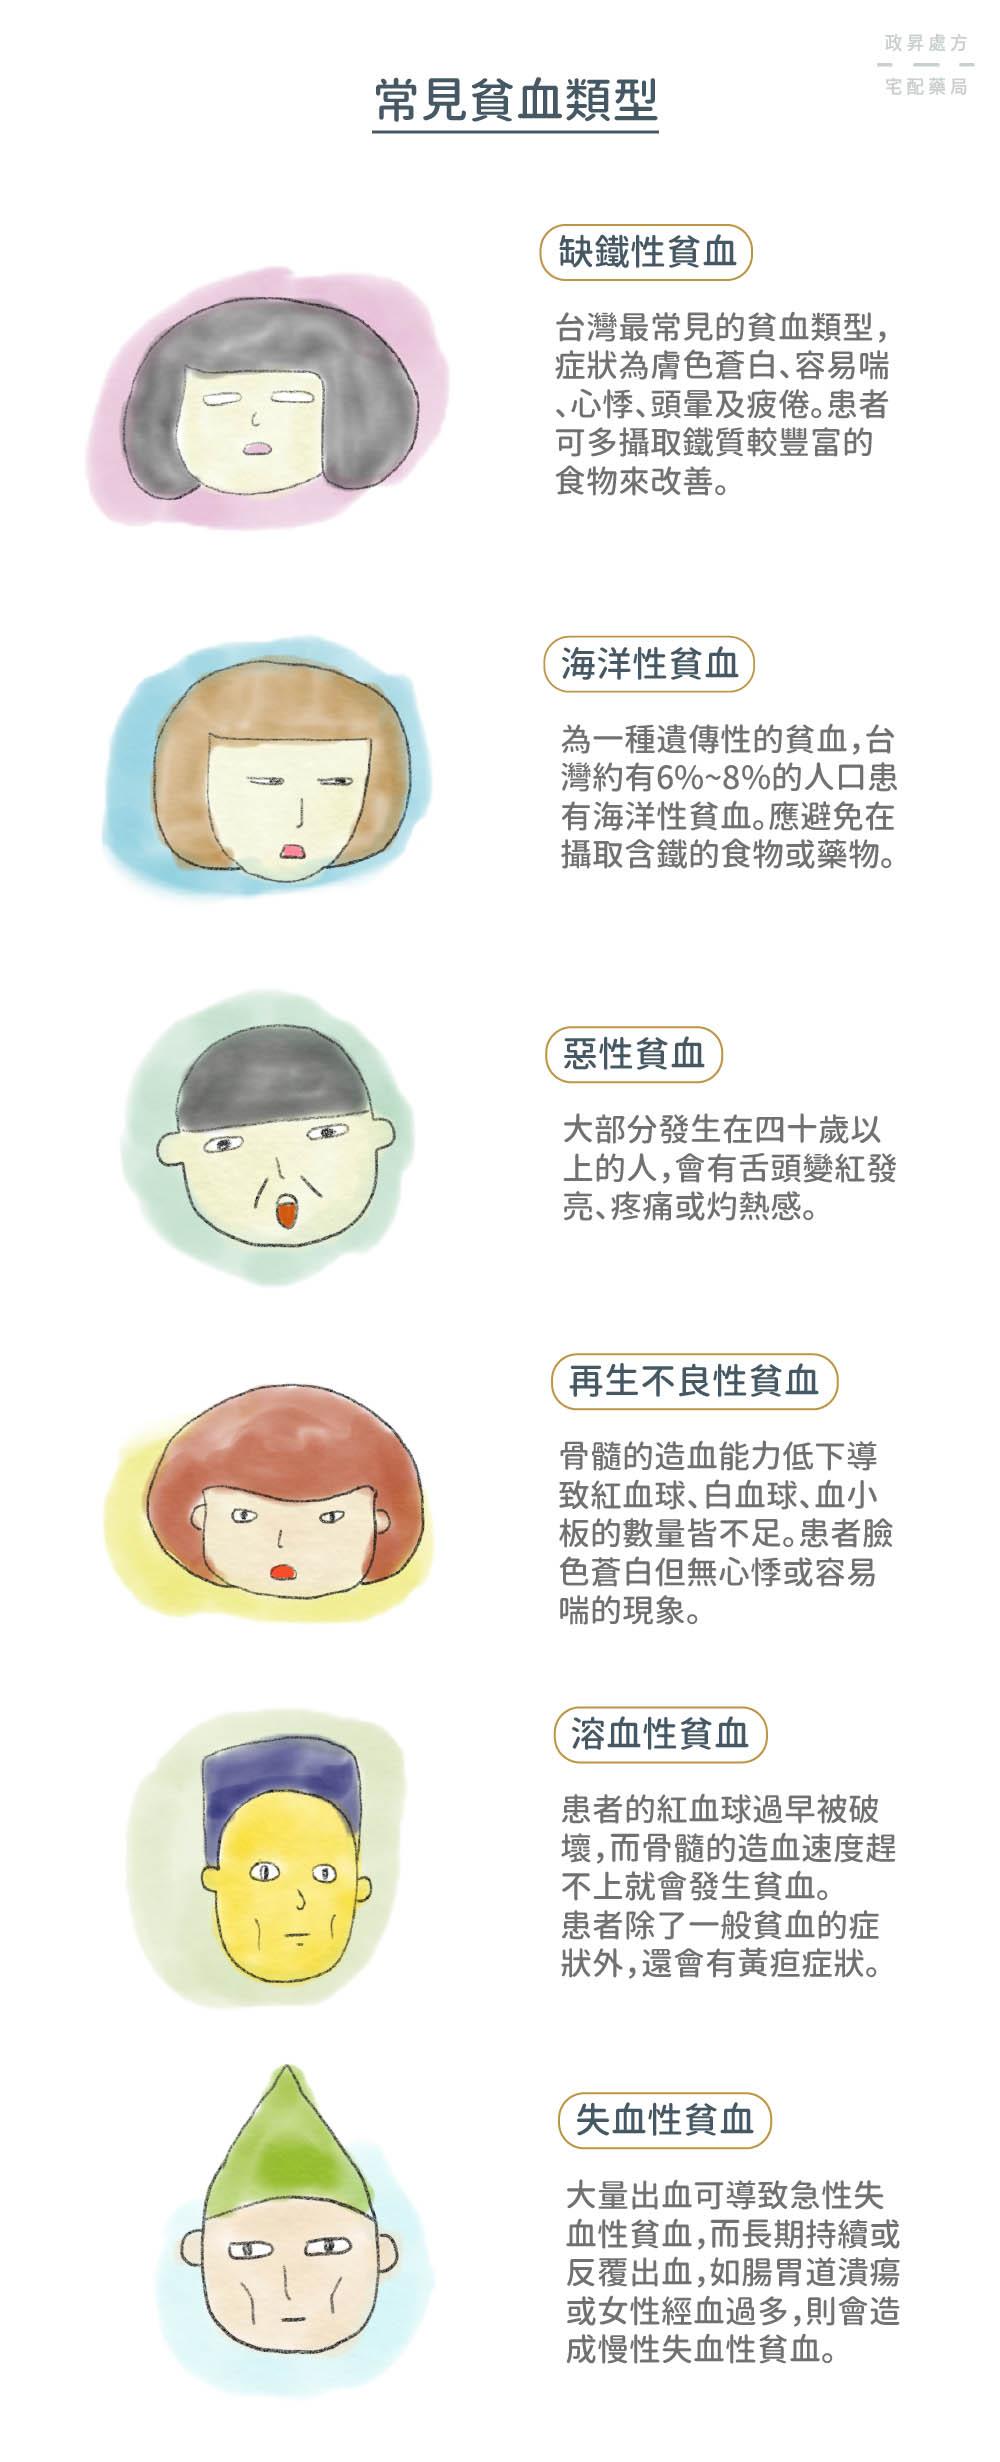 六種常見的貧血類型